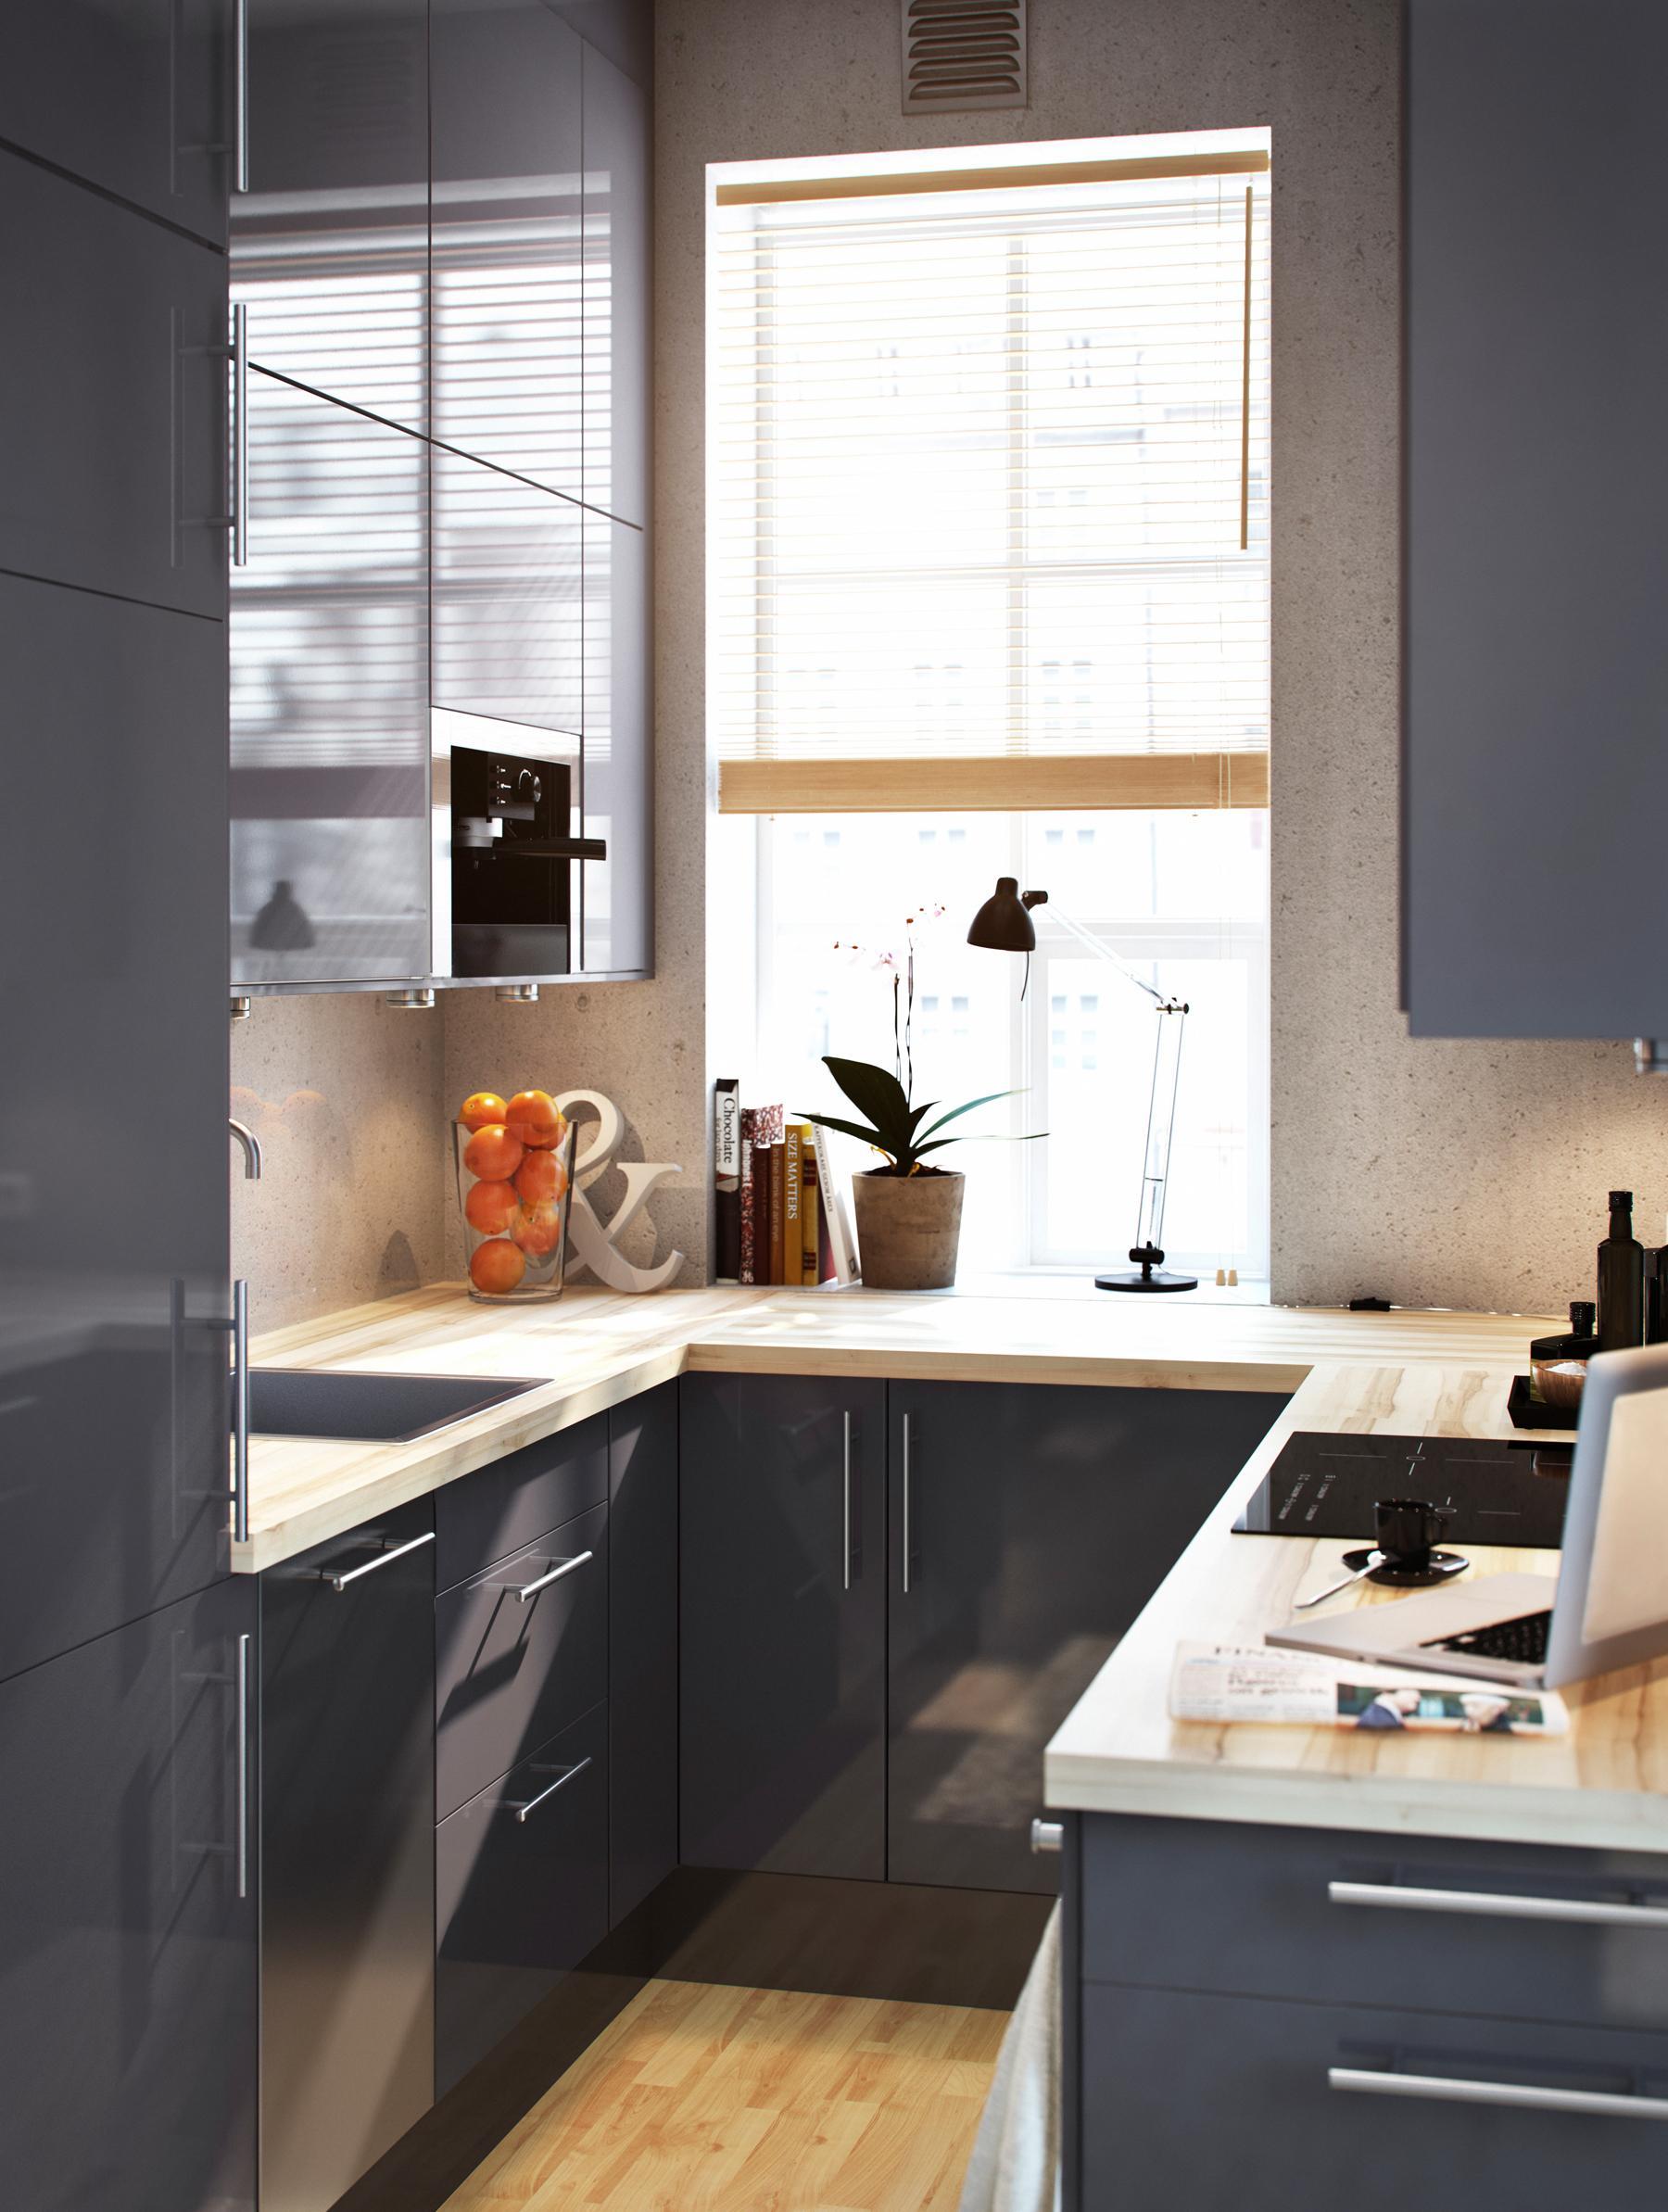 Full Size of Singleküche Ikea Miniküche Praktische Einbaukche In Grauer Glanzoptik S Sofa Mit Schlaffunktion Küche Kosten Stengel Kühlschrank Betten 160x200 Kaufen Bei Wohnzimmer Singleküche Ikea Miniküche